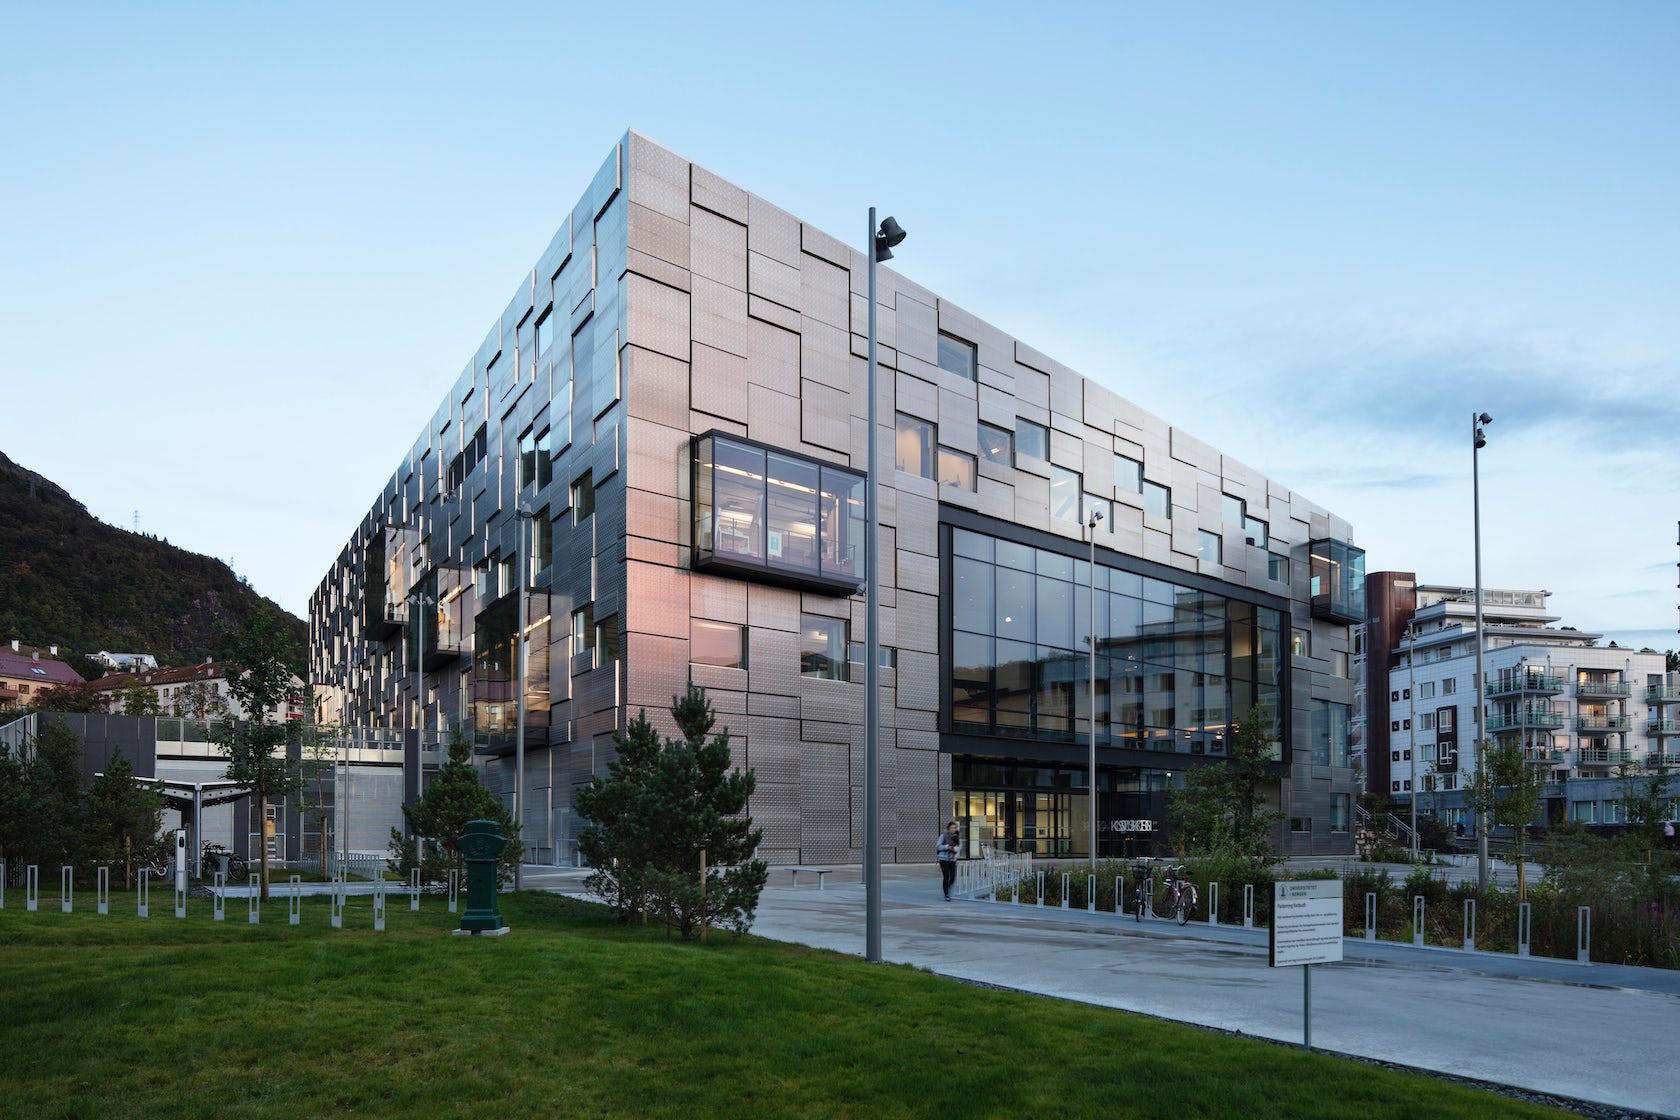 University of Bergen Faculty of Fine Art